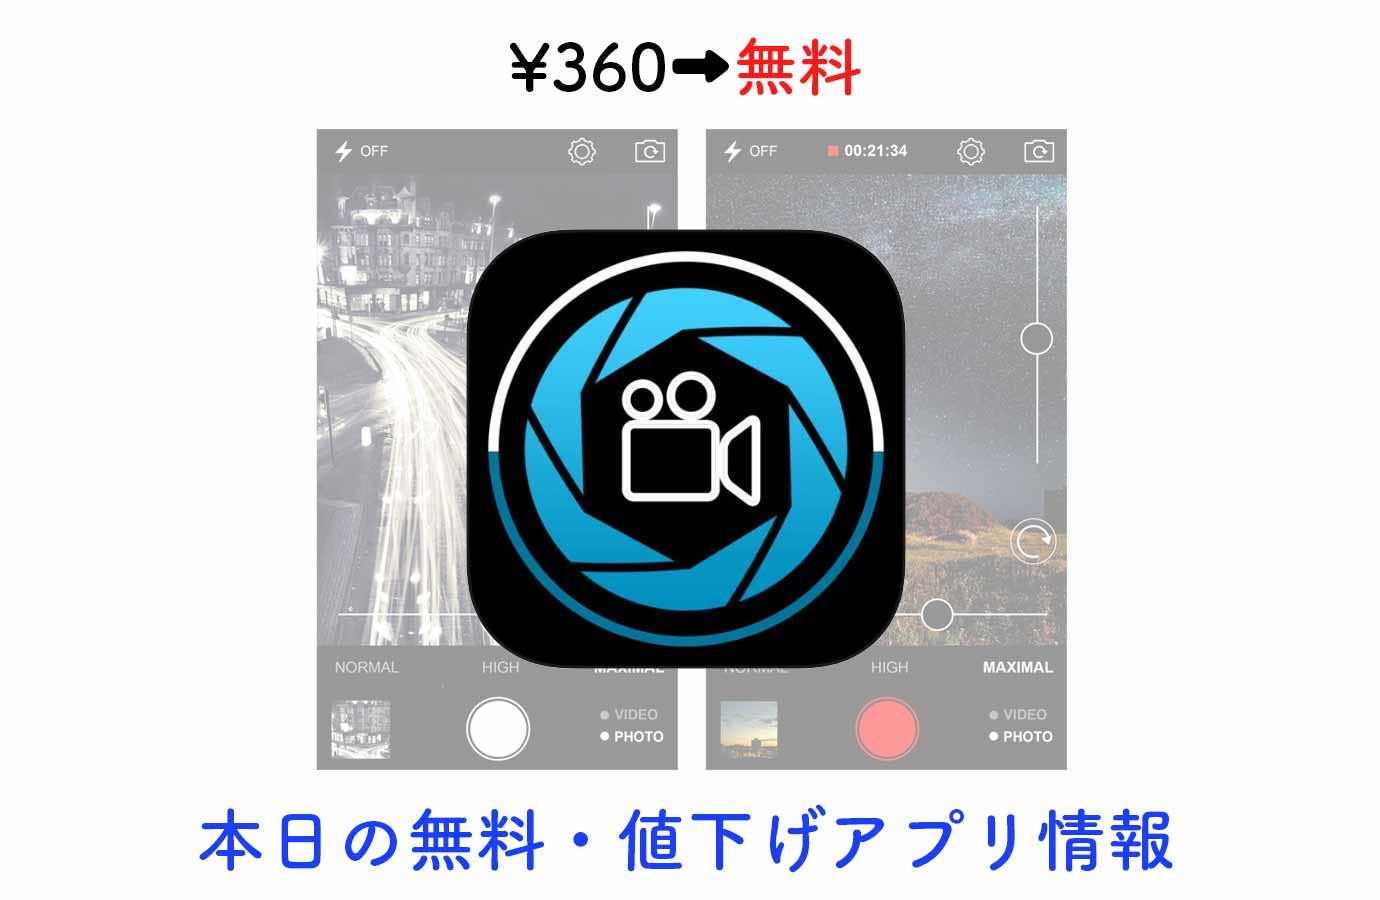 ¥360→無料、iPhoneを空にかざすと星座などがわかる天体観測アプリ「スカイ・ガイド」など【8/17】本日の無料・値下げアプリ情報